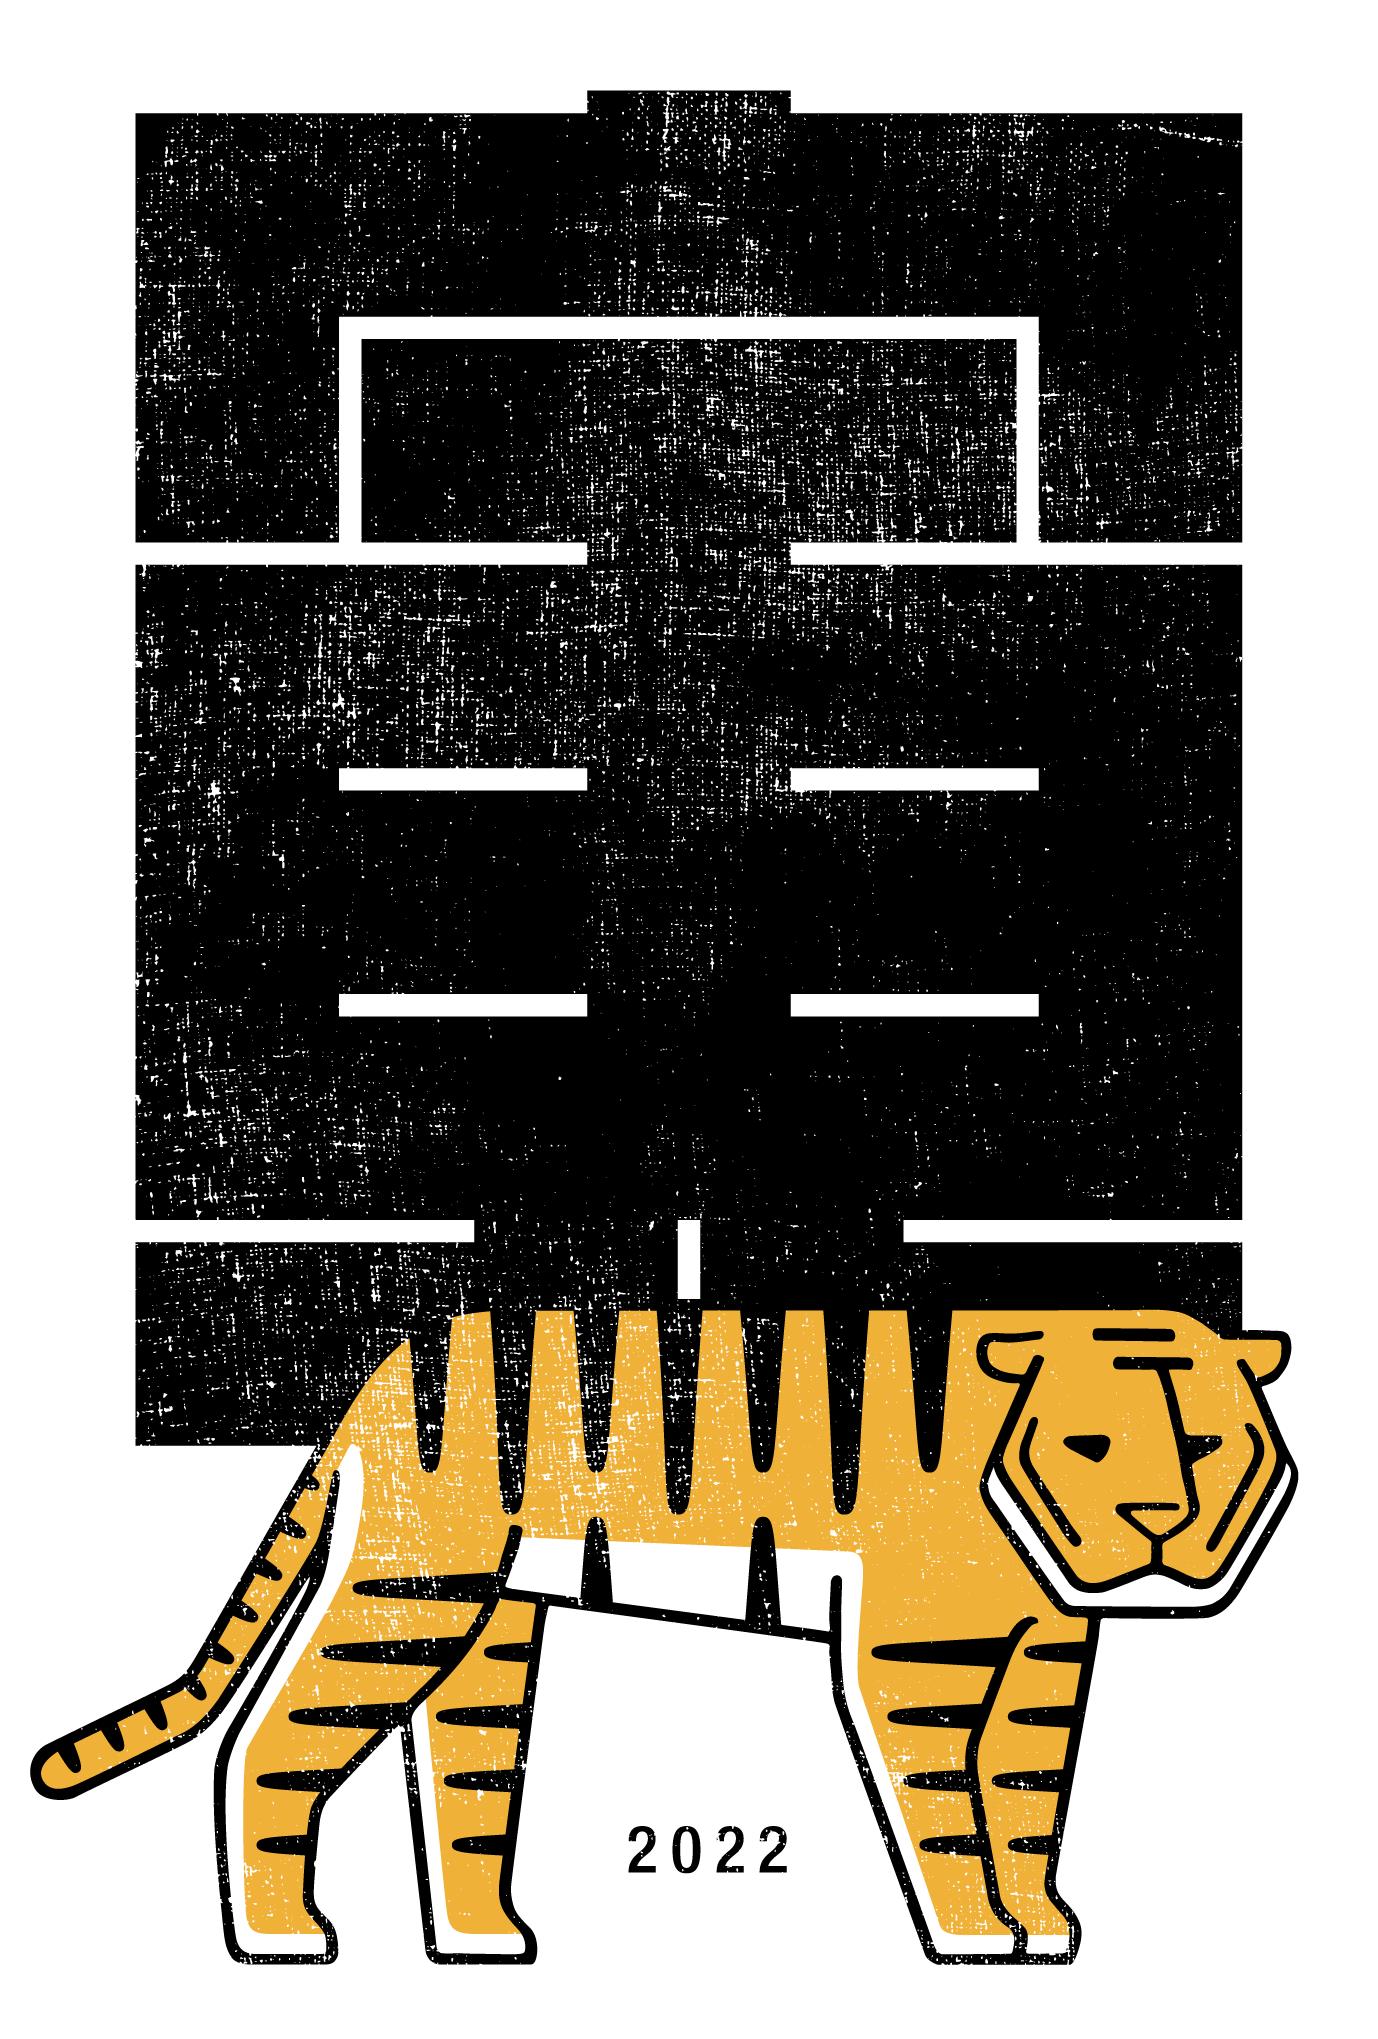 2022年賀状17-1:寅の江戸角字 / 立虎のダウンロード画像